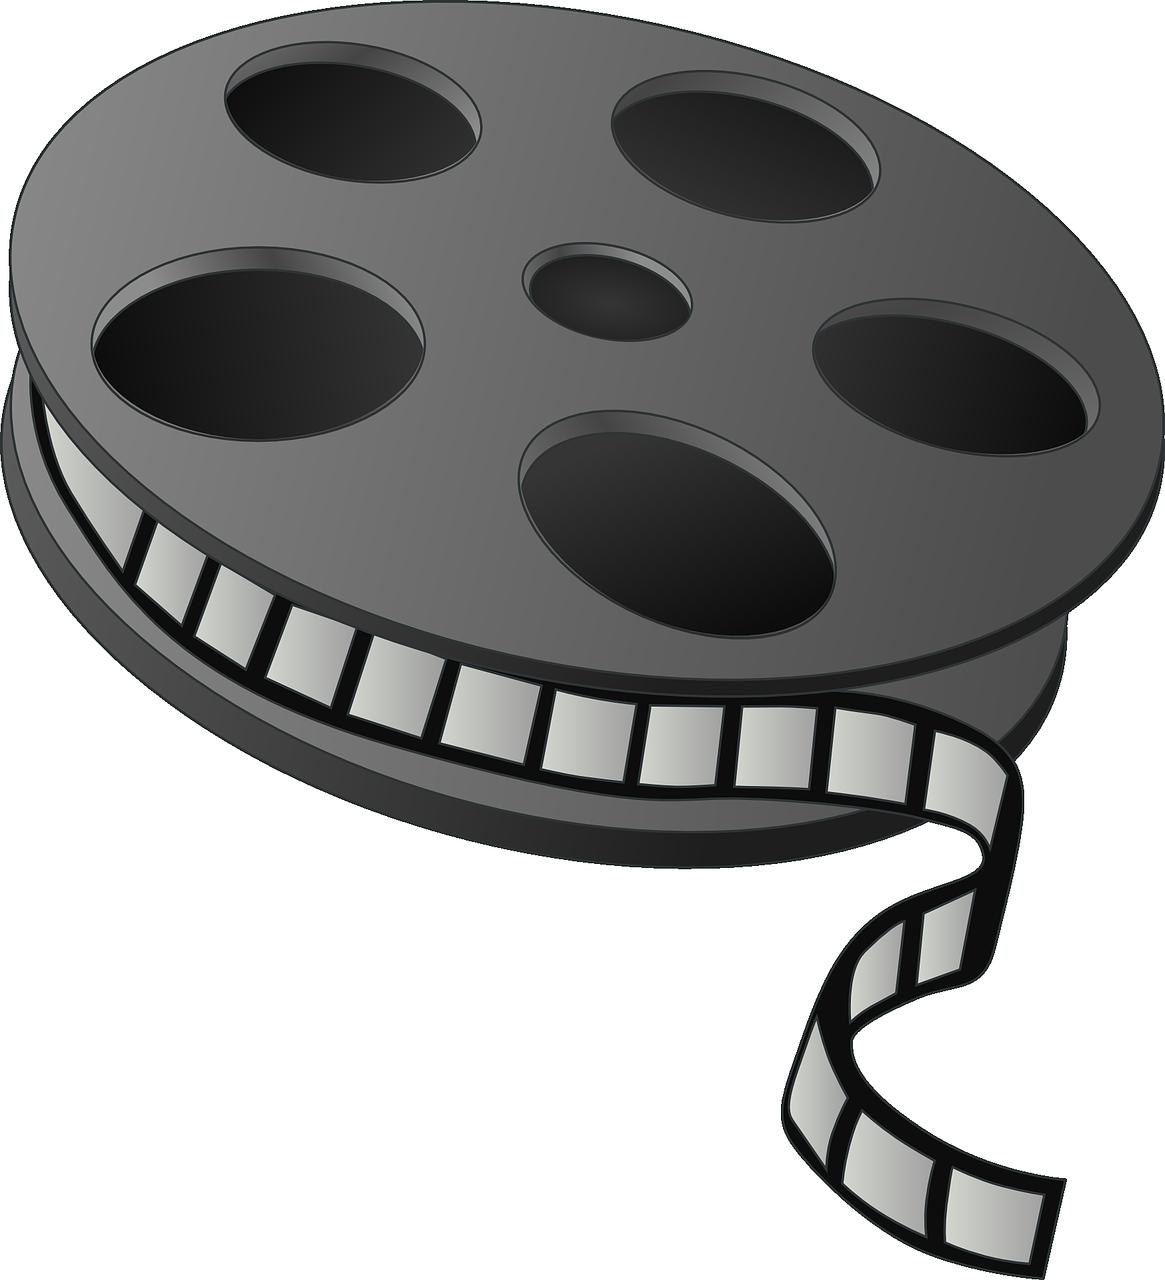 Filmbånd